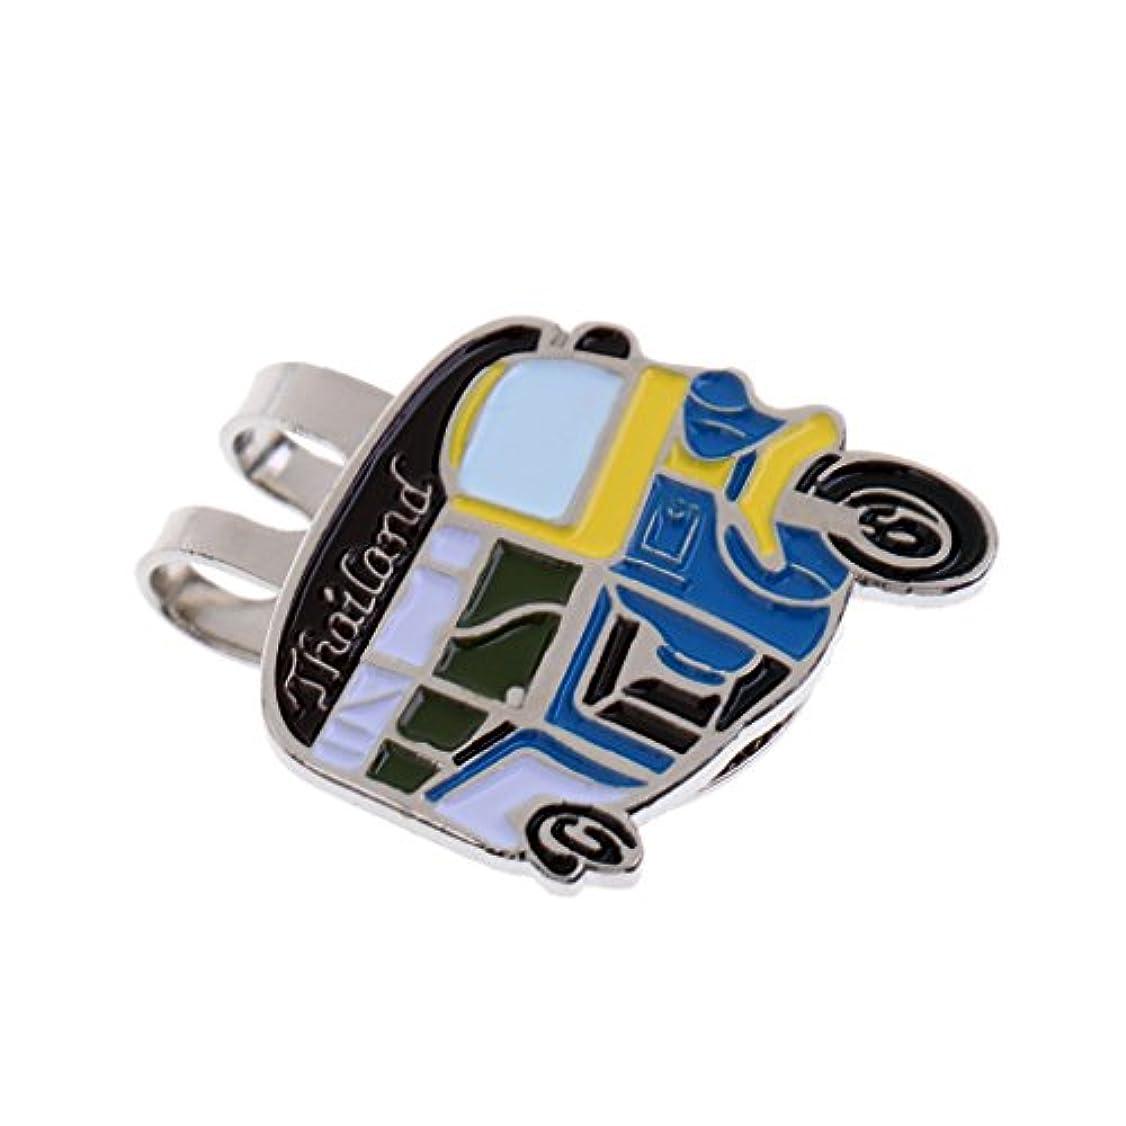 強調弱いエスカレートゴルフ用品 磁気 ハットクリップ ゴルフボールマーカー 輪タク型 創造的 ギフト